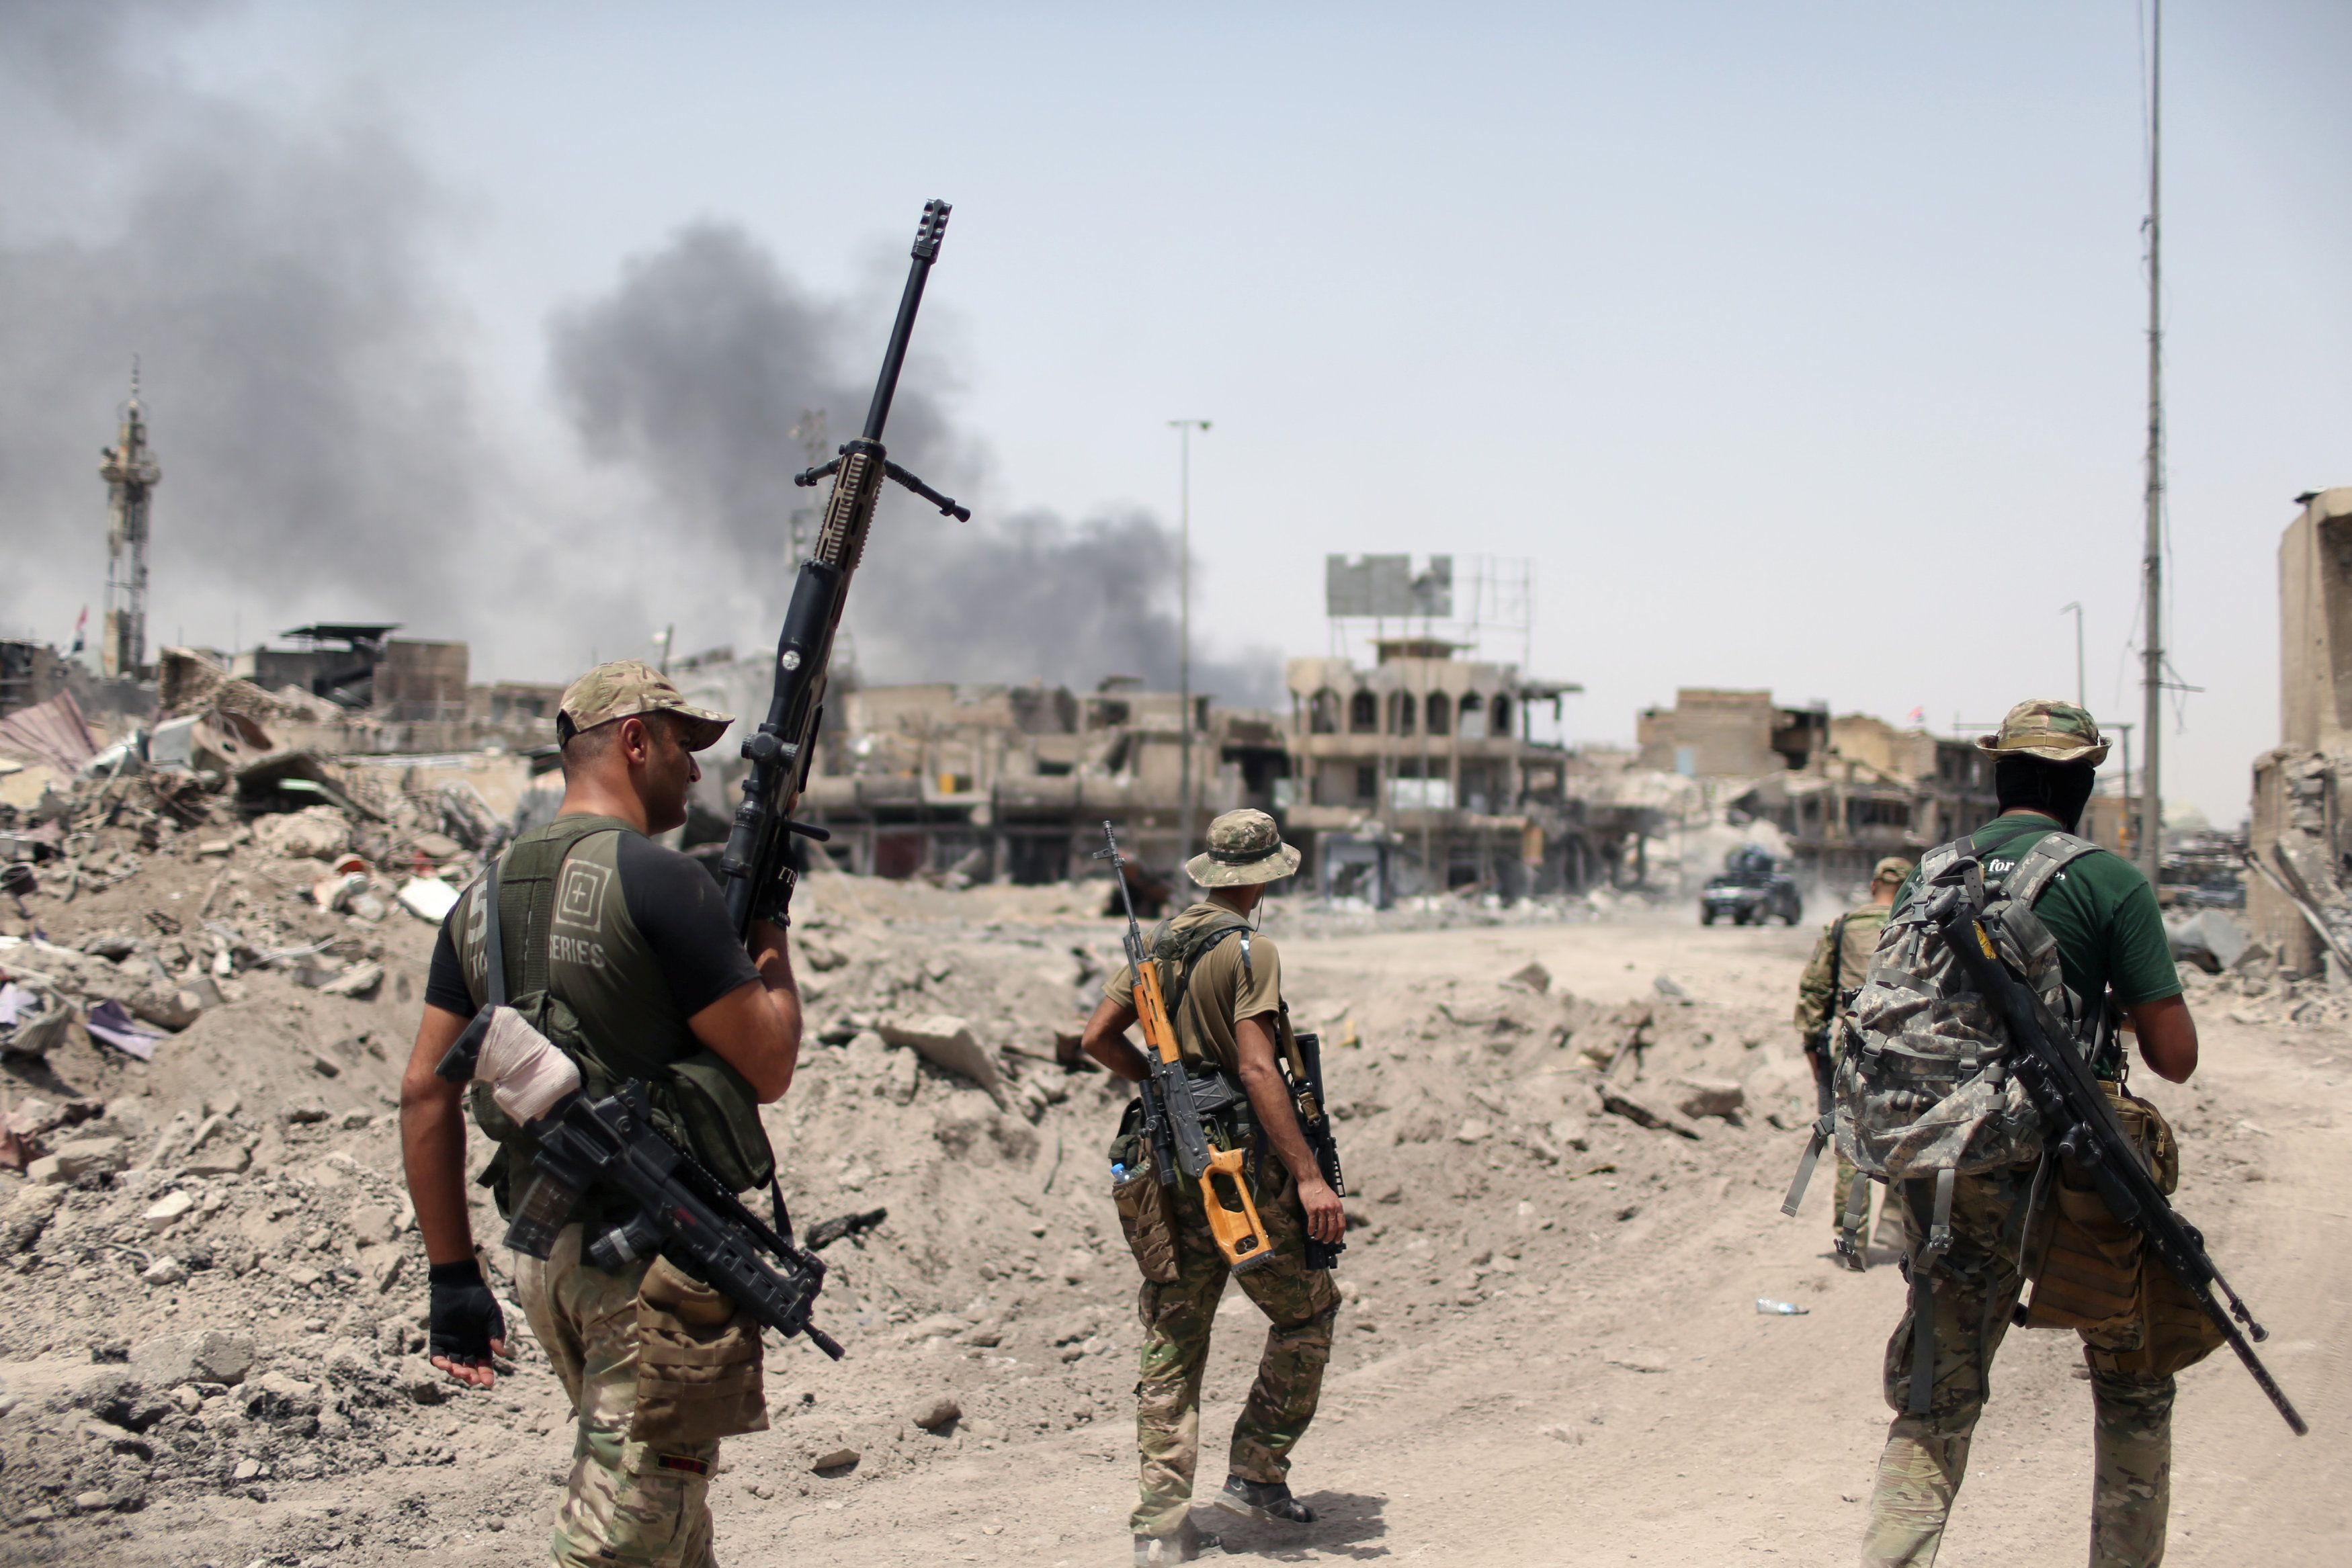 В Ираке больше не будут воевать против ИГИЛ, сказал премьер